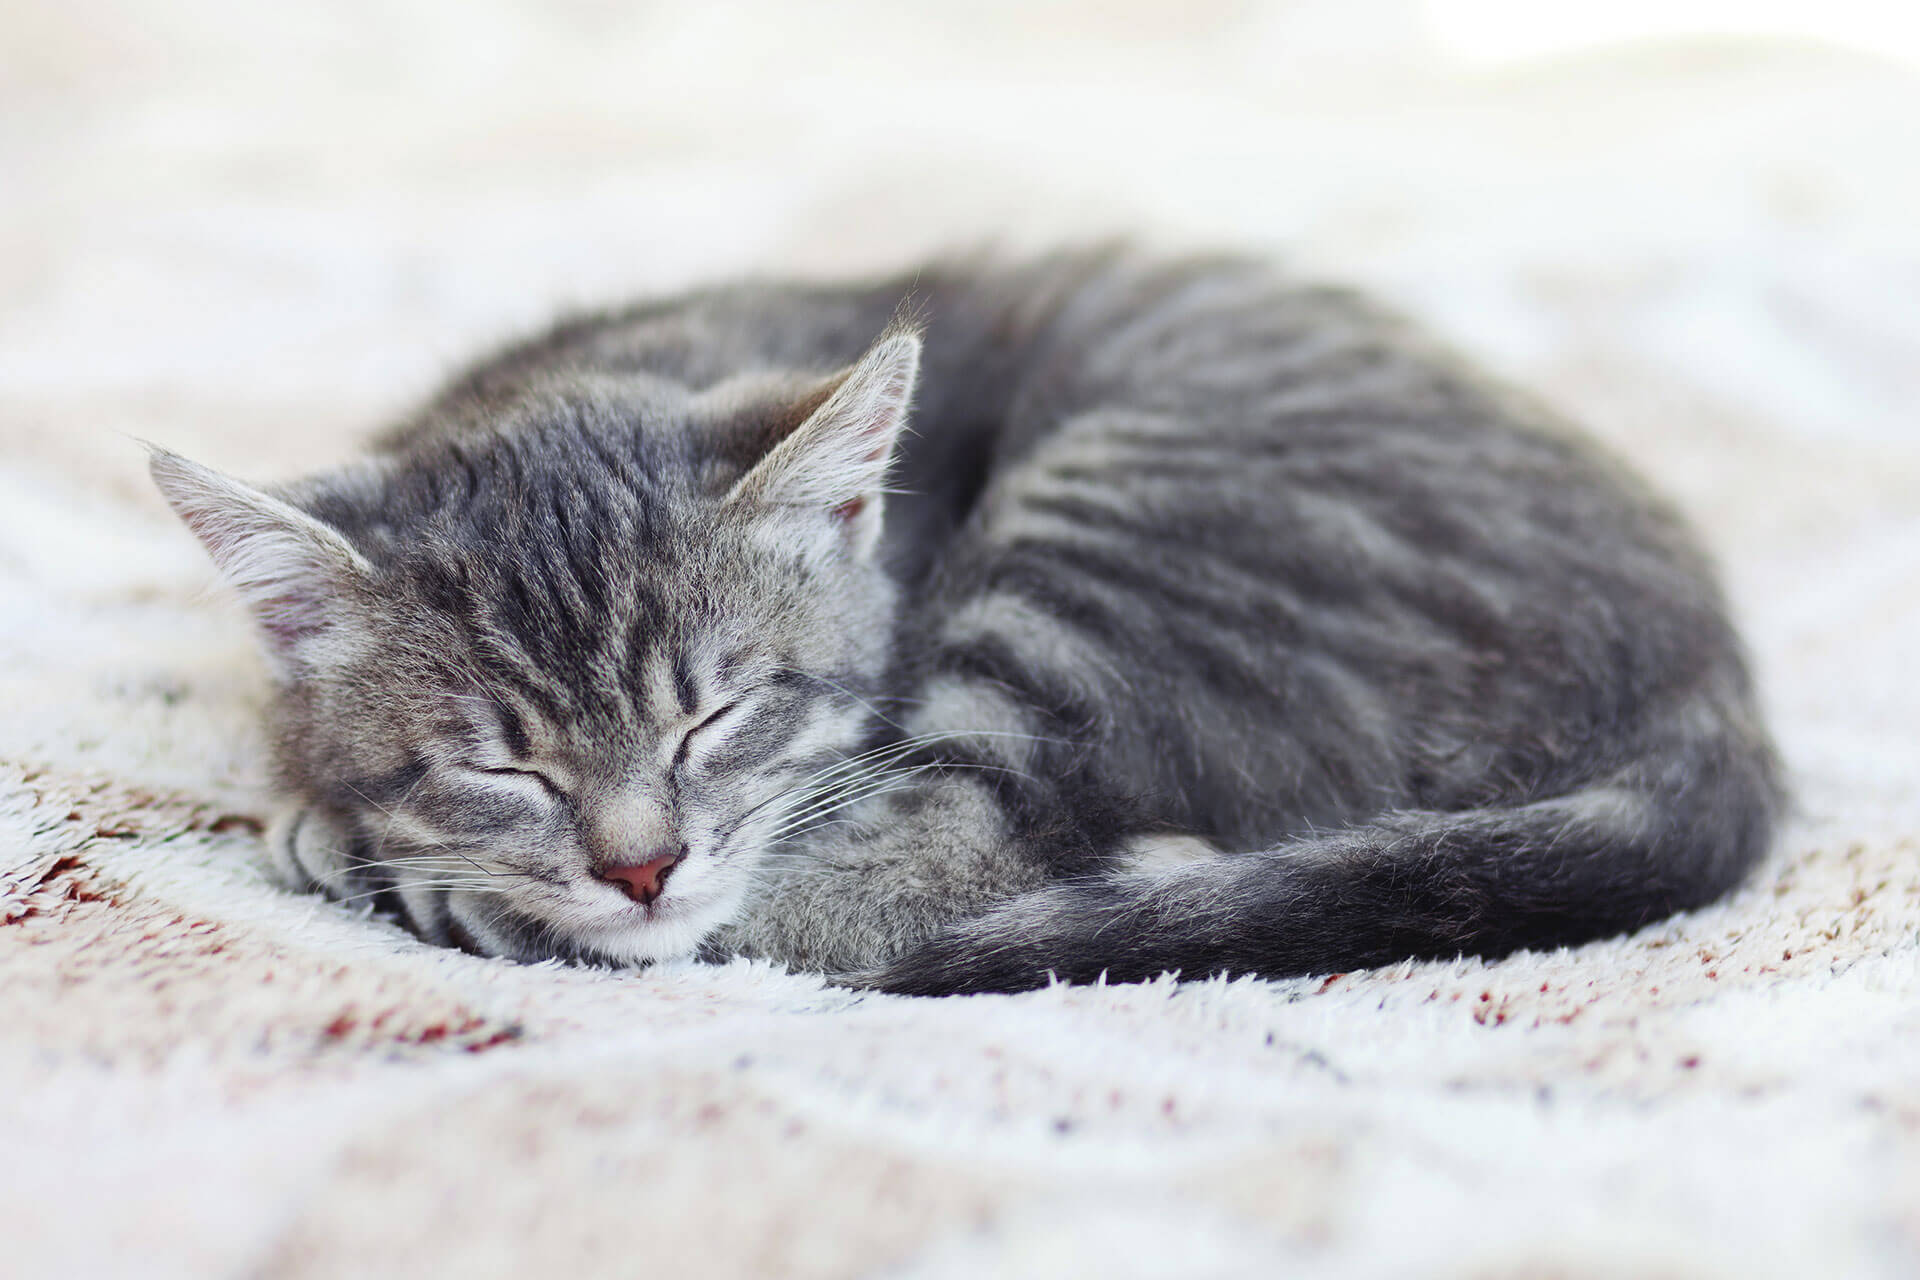 Du Willst Deine Katze Impfen Lassen Beachte Diese 10 Dinge Tractive